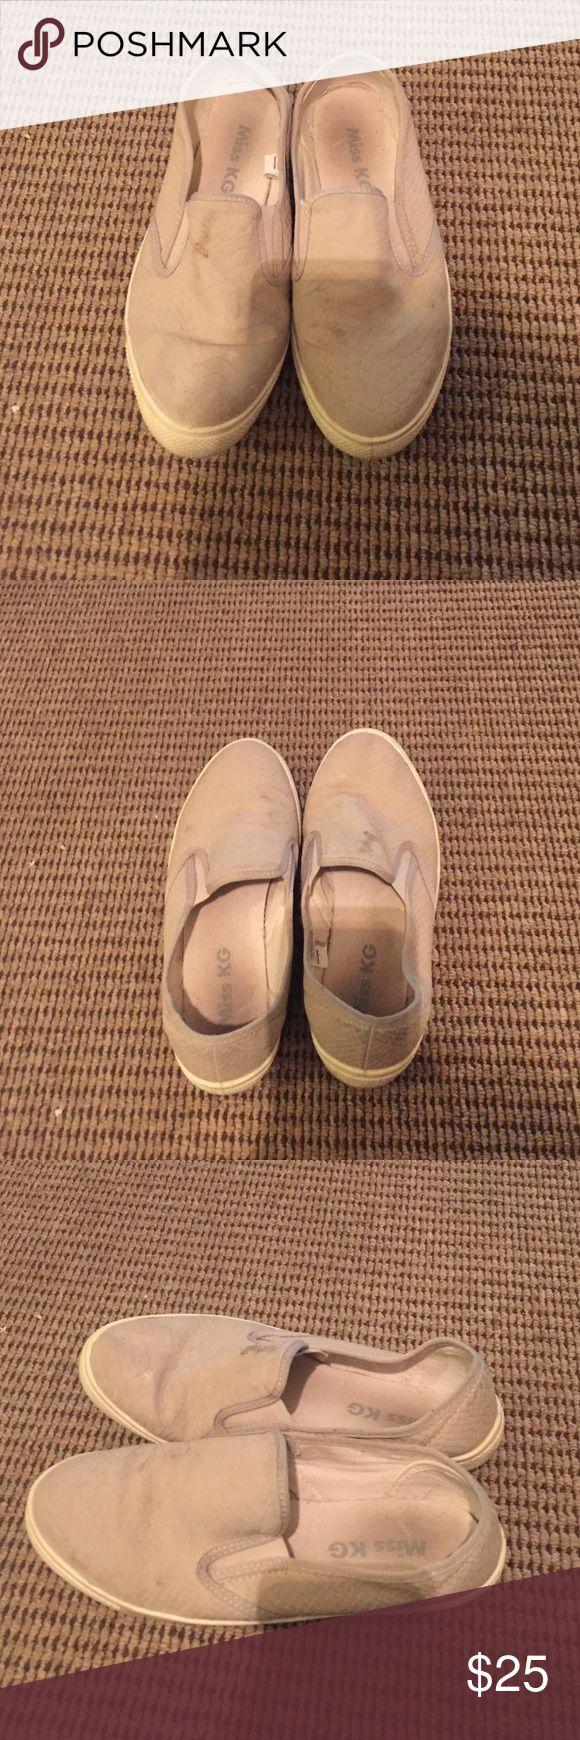 Kurt Geiger tan slip on sneakers Kurt Geiger tan slip on sneakers . Size 6. Made in Italy. kurt geiger Shoes Sneakers